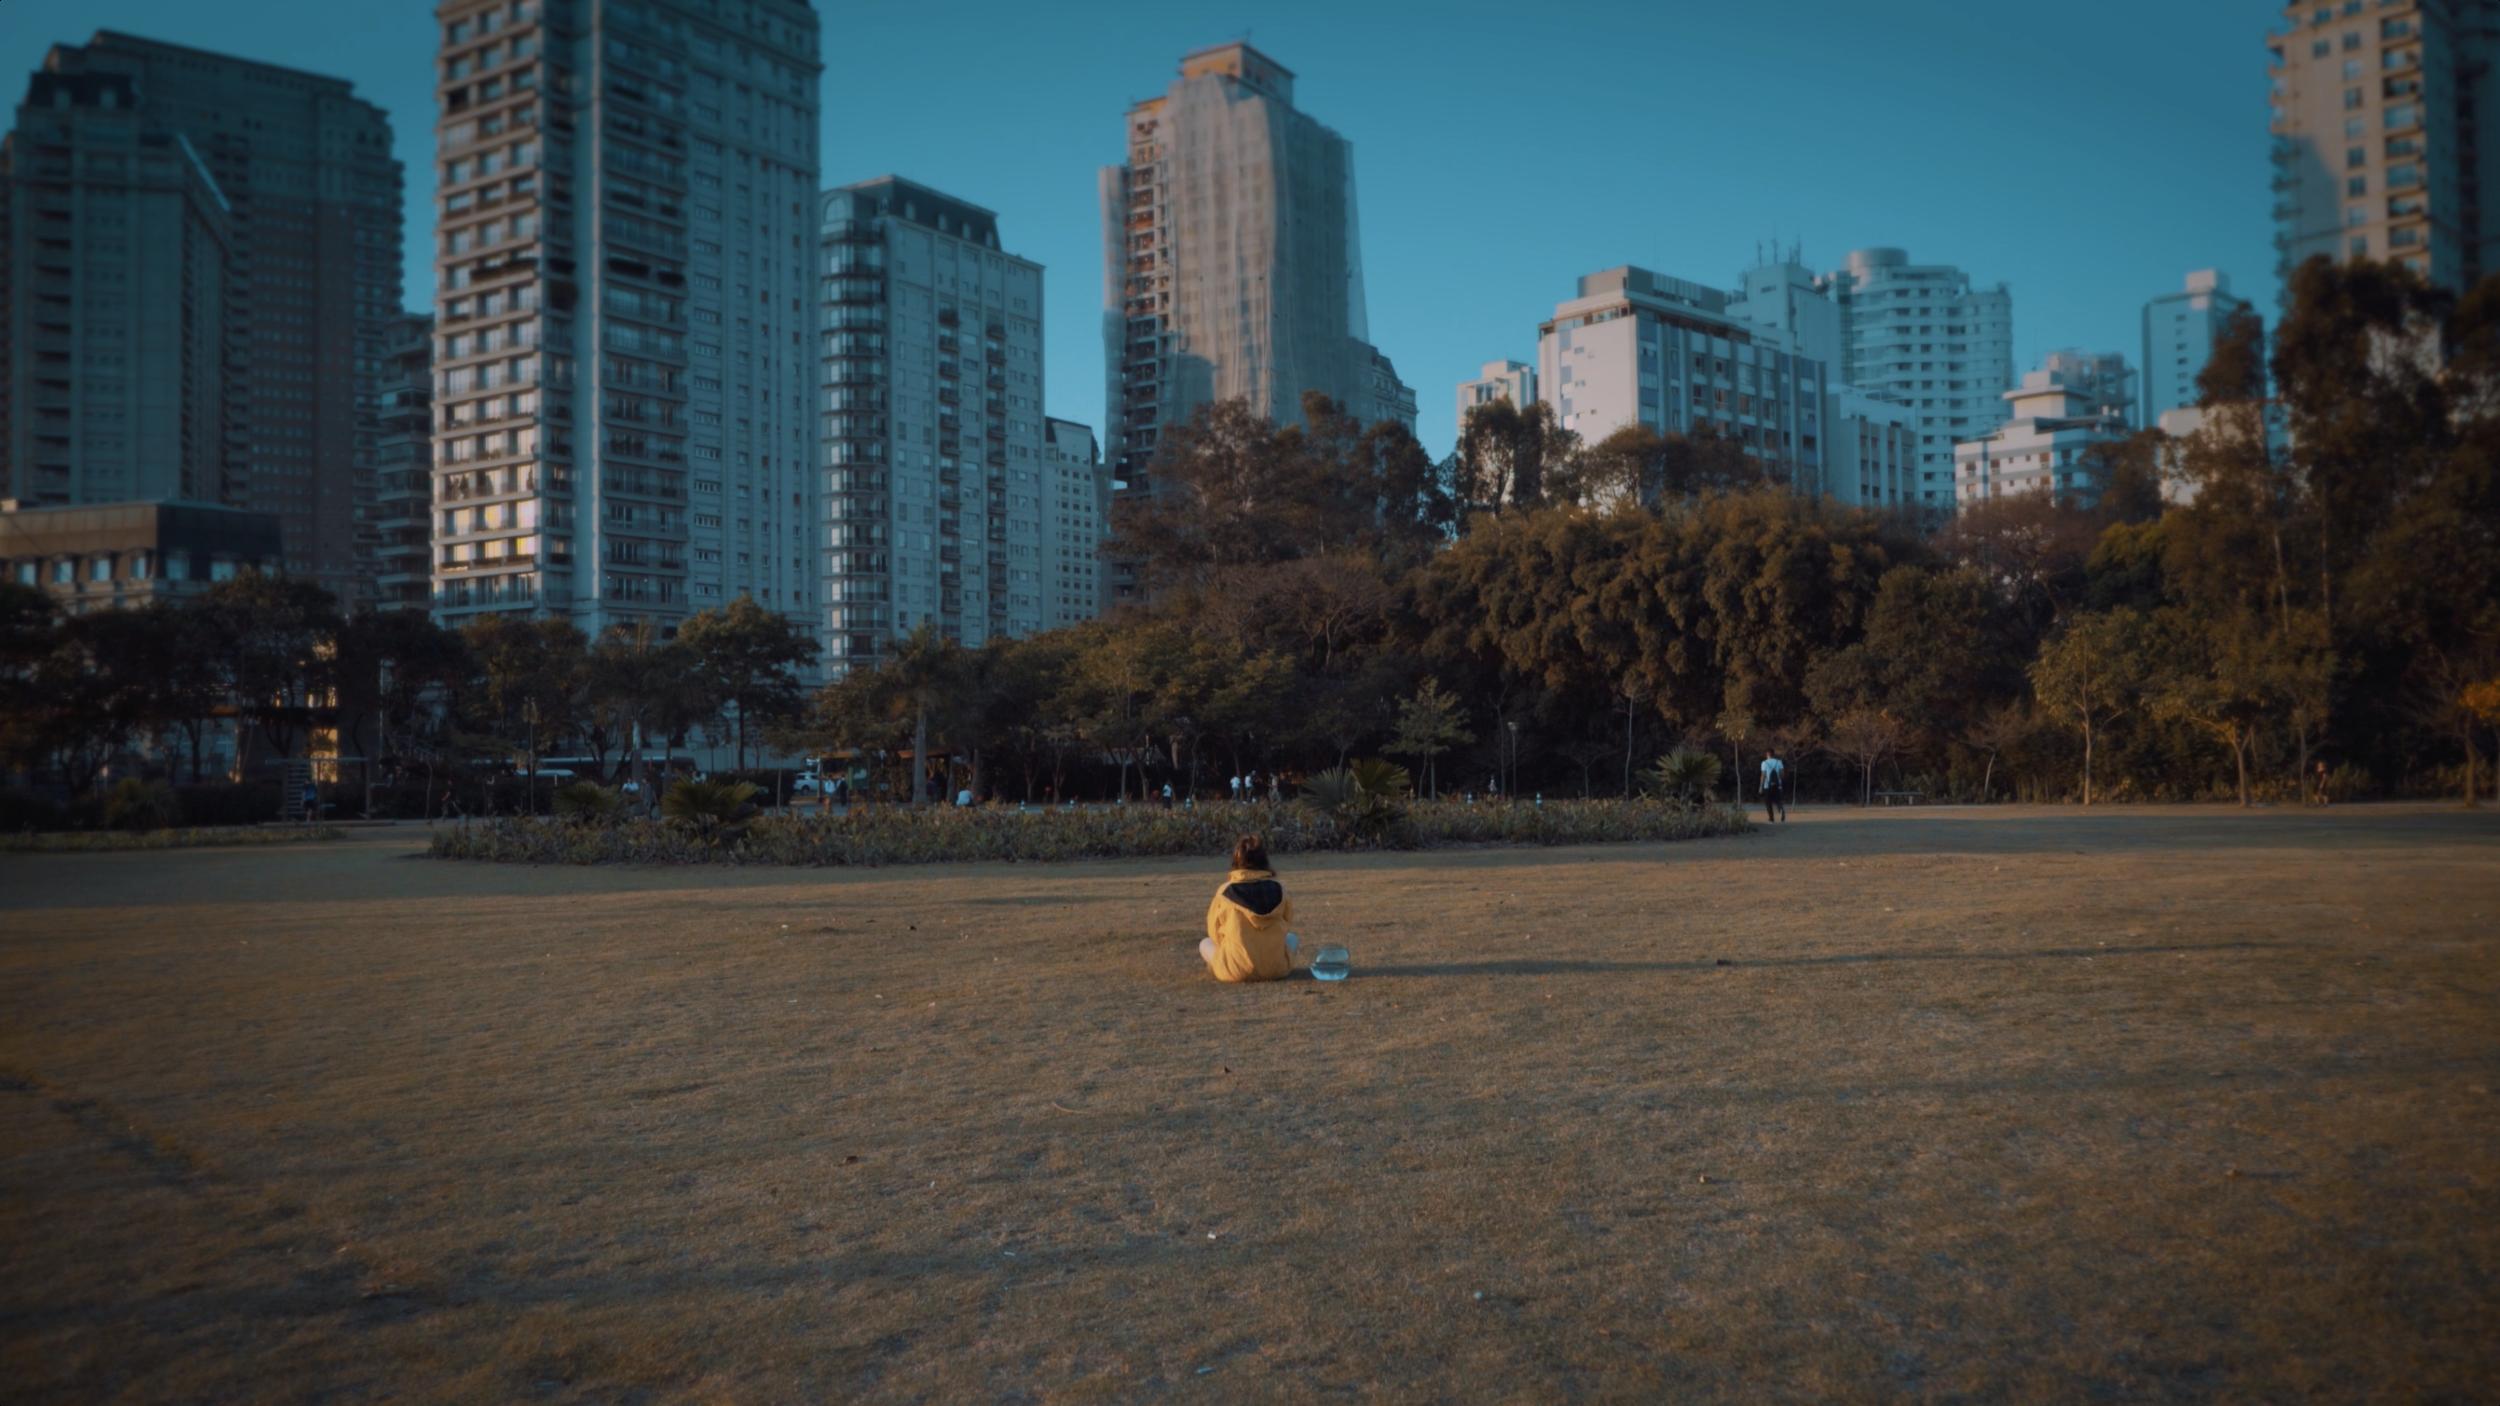 Screen Shot 2018-11-01 at 8.36.37 PM.png